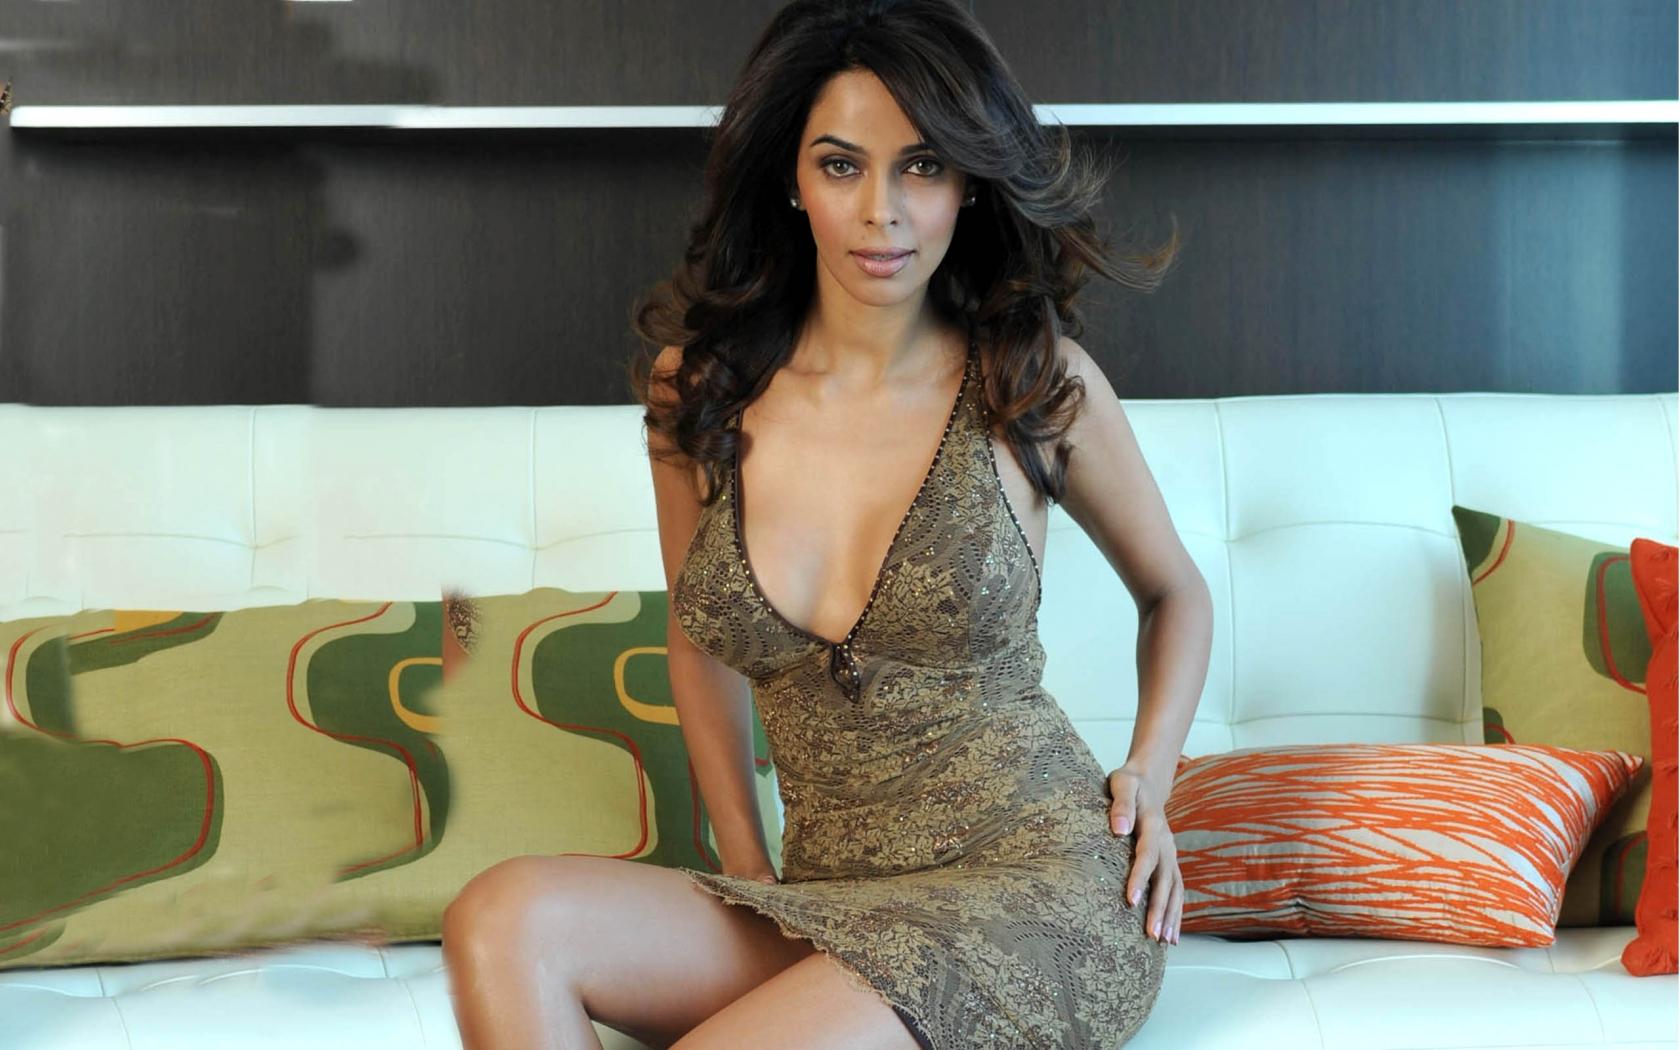 Mallika sherawat nude in movie, ebony juicy booty videos